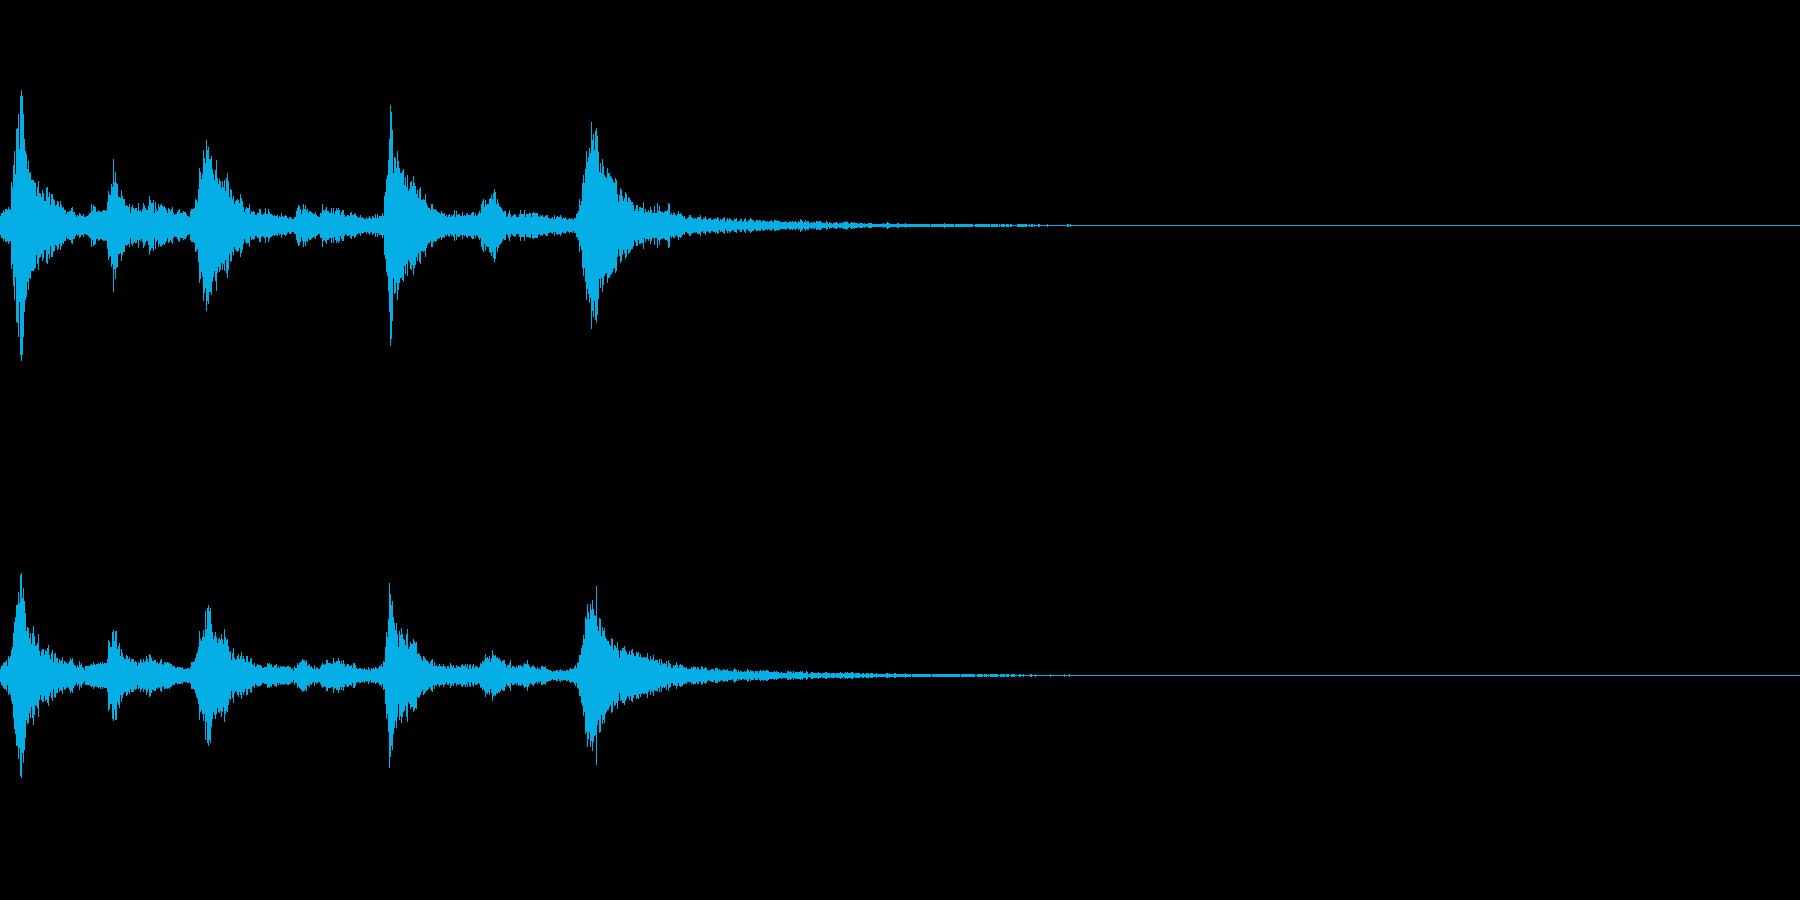 クリスマスのベル、鈴の効果音 ロゴ05の再生済みの波形